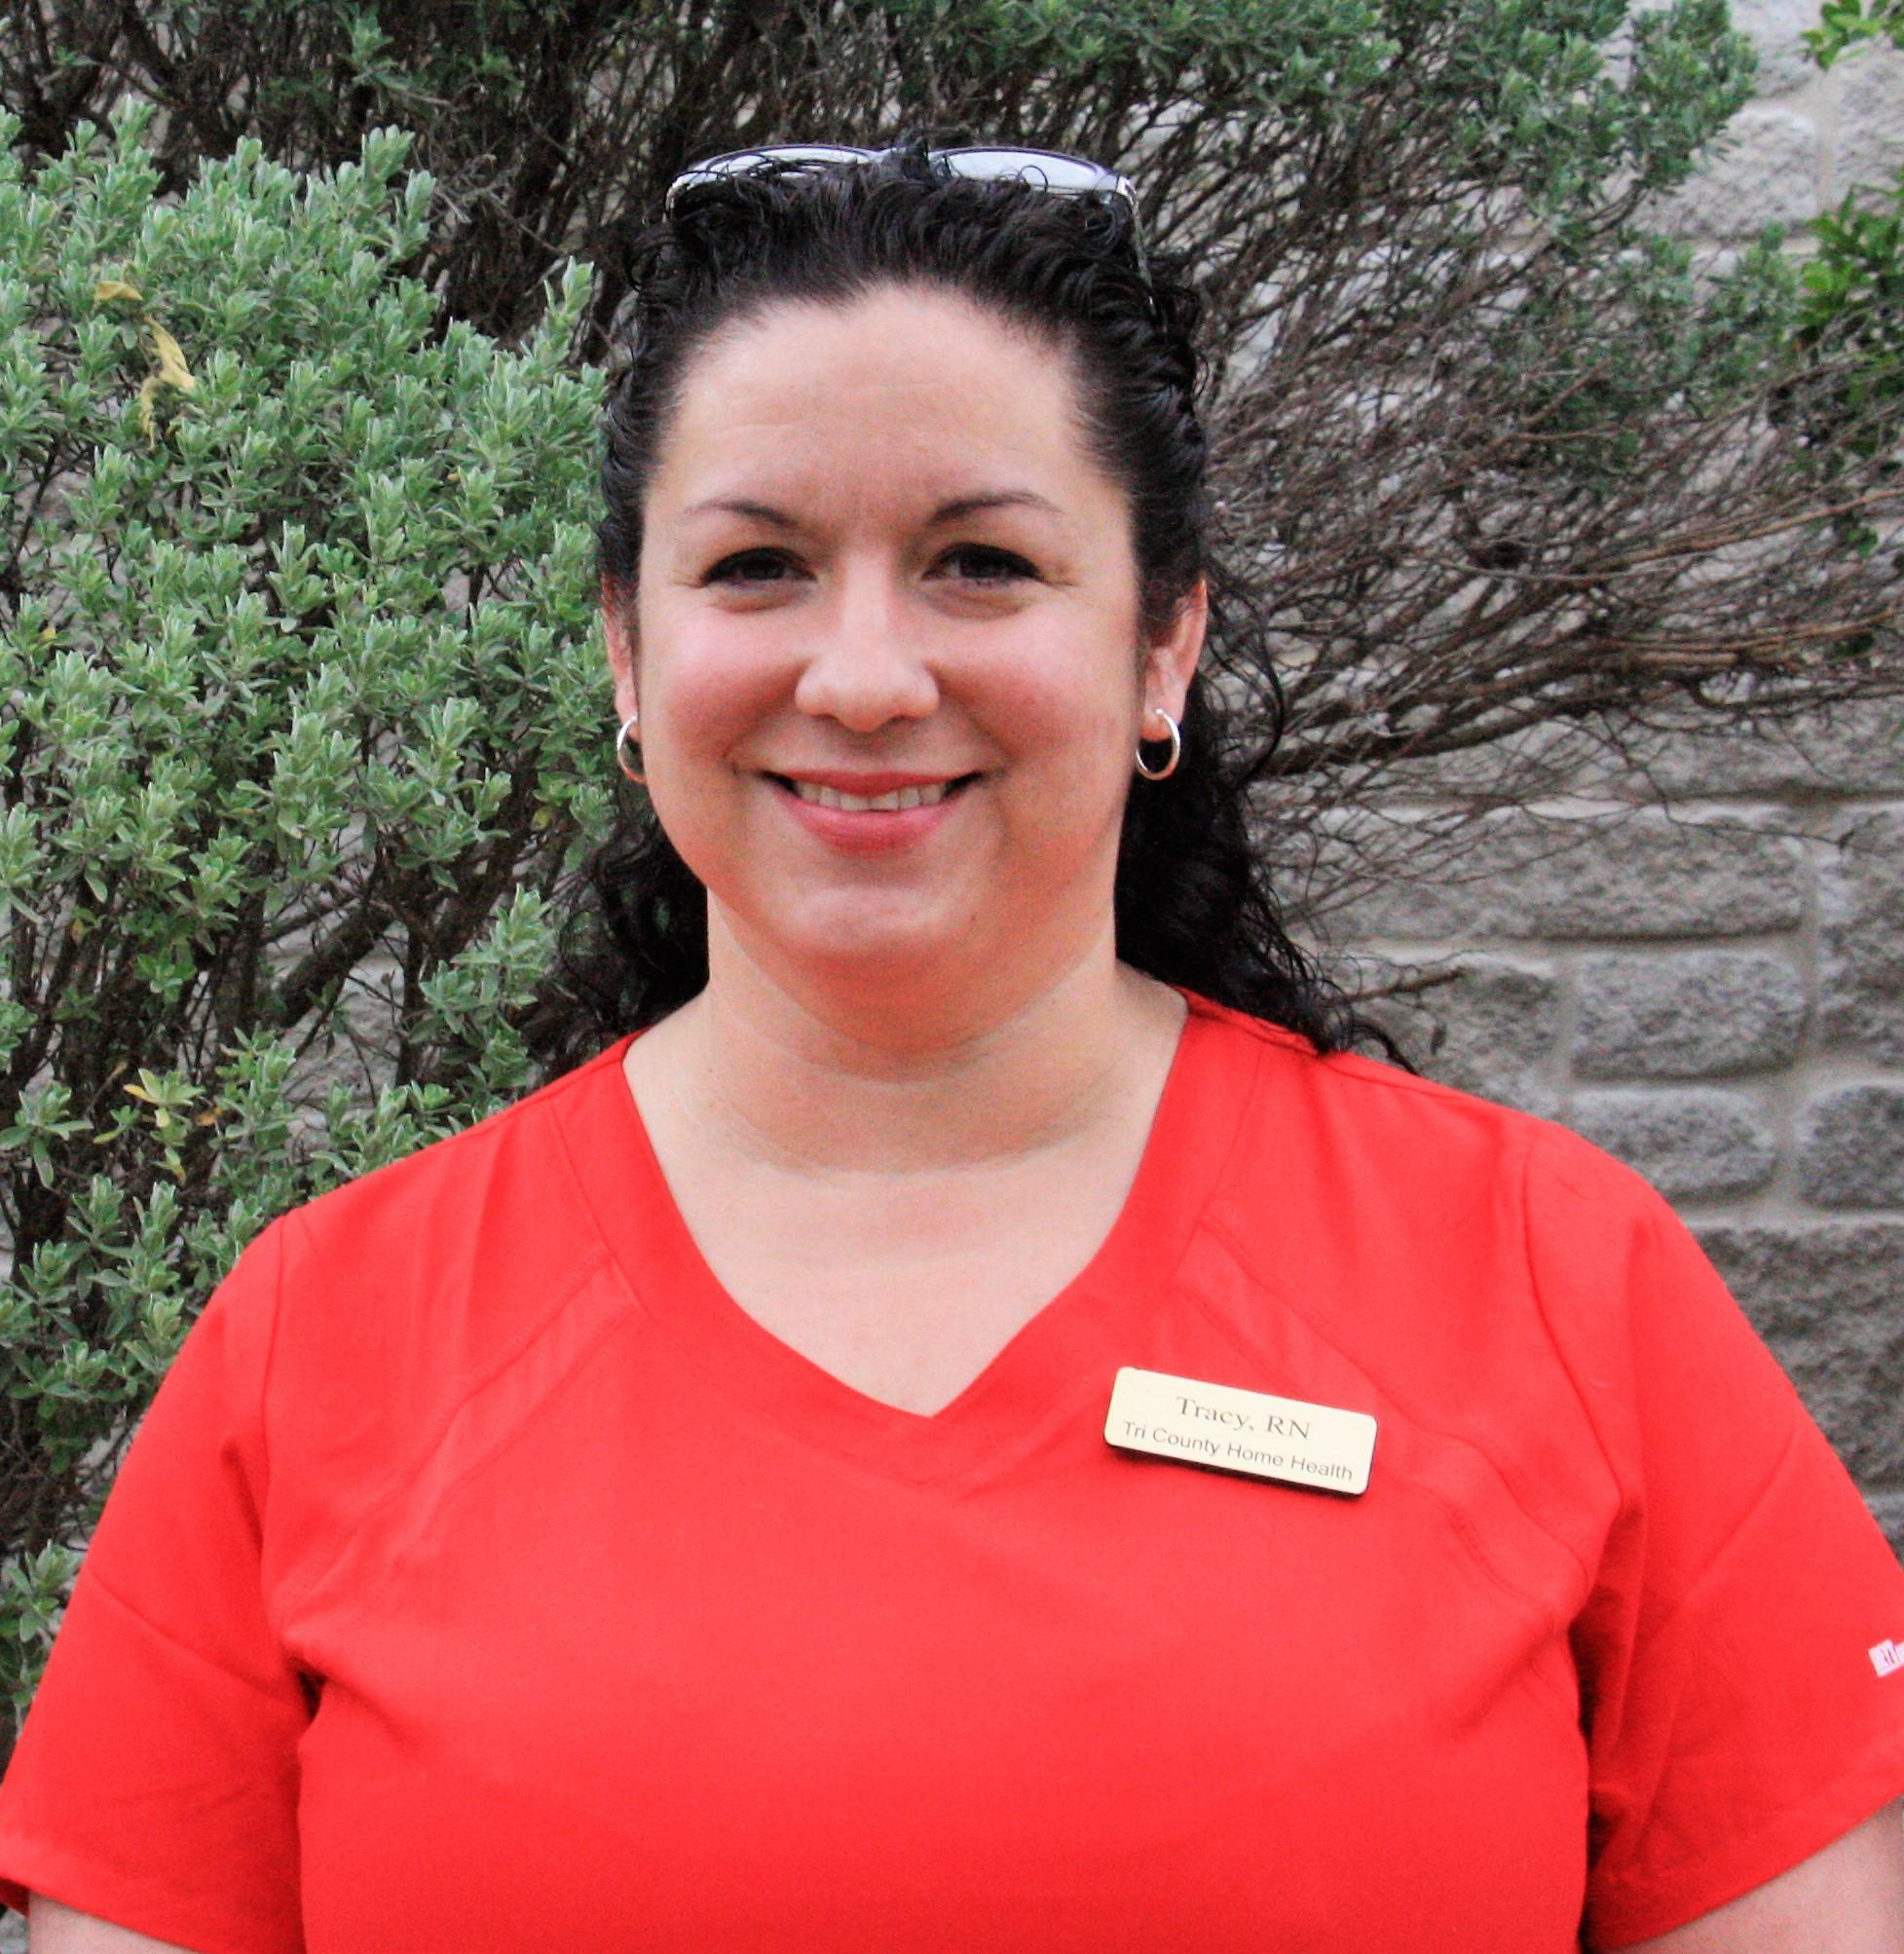 Tracy Thias, ADN, RN<br>Field Nurse